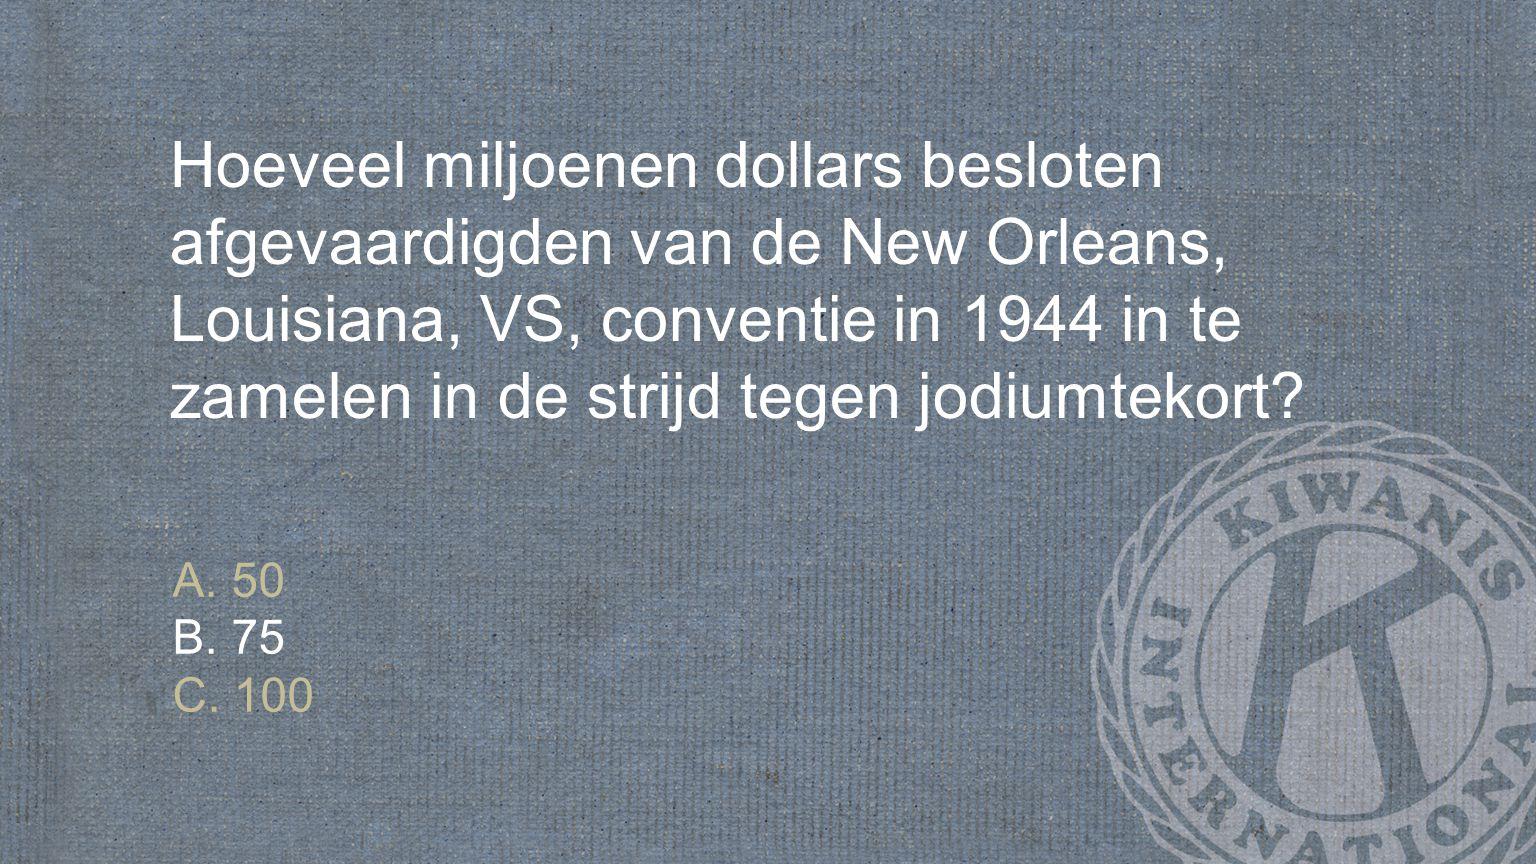 Hoeveel miljoenen dollars besloten afgevaardigden van de New Orleans, Louisiana, VS, conventie in 1944 in te zamelen in de strijd tegen jodiumtekort.